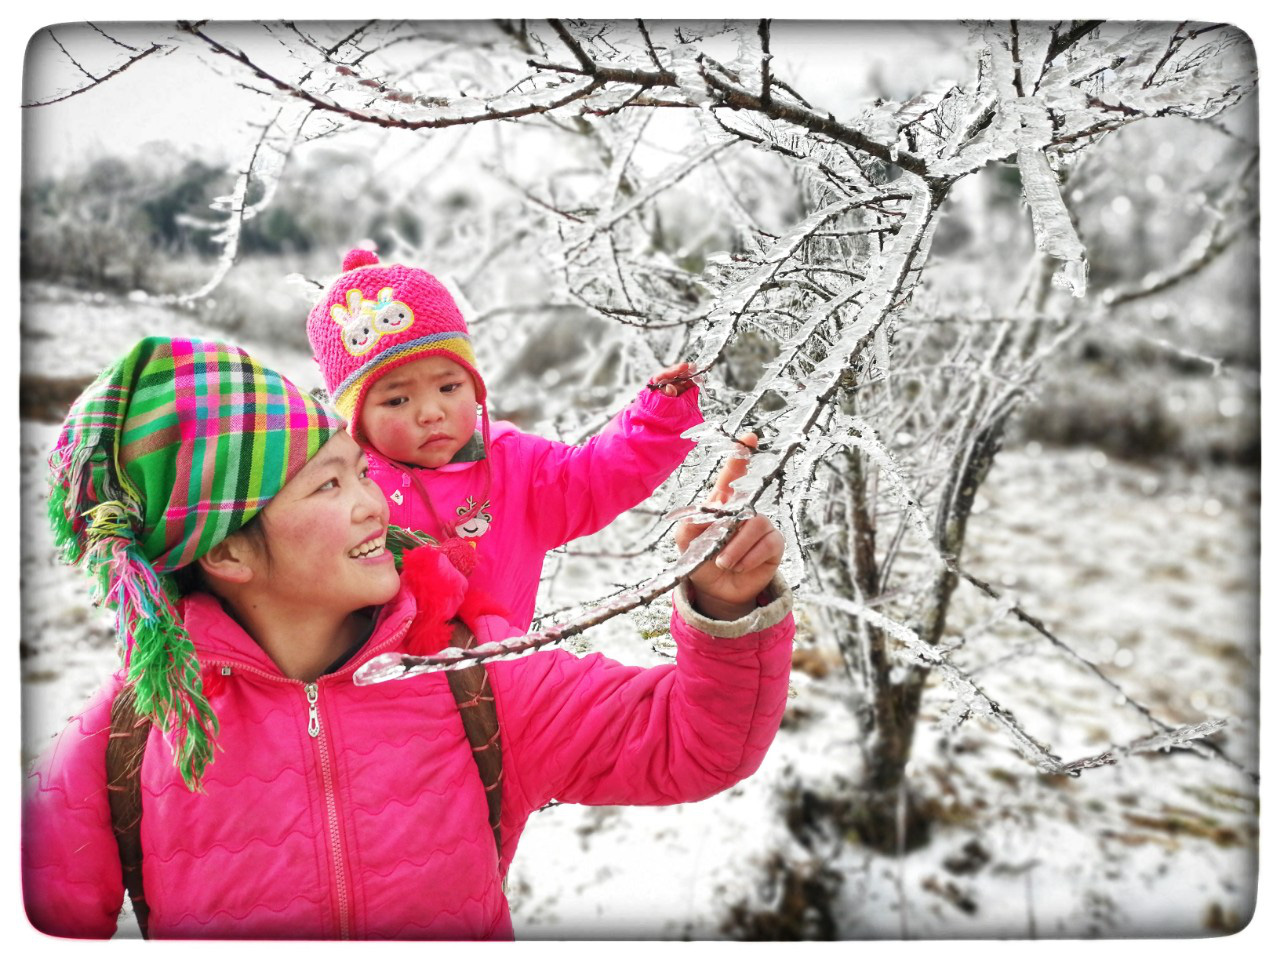 Lào Cai: Lạnh -3 độ C, Y Tý ngày tuyết rơi như chiếc tủ lạnh khổng lồ, đẹp như trời Âu - Ảnh 1.